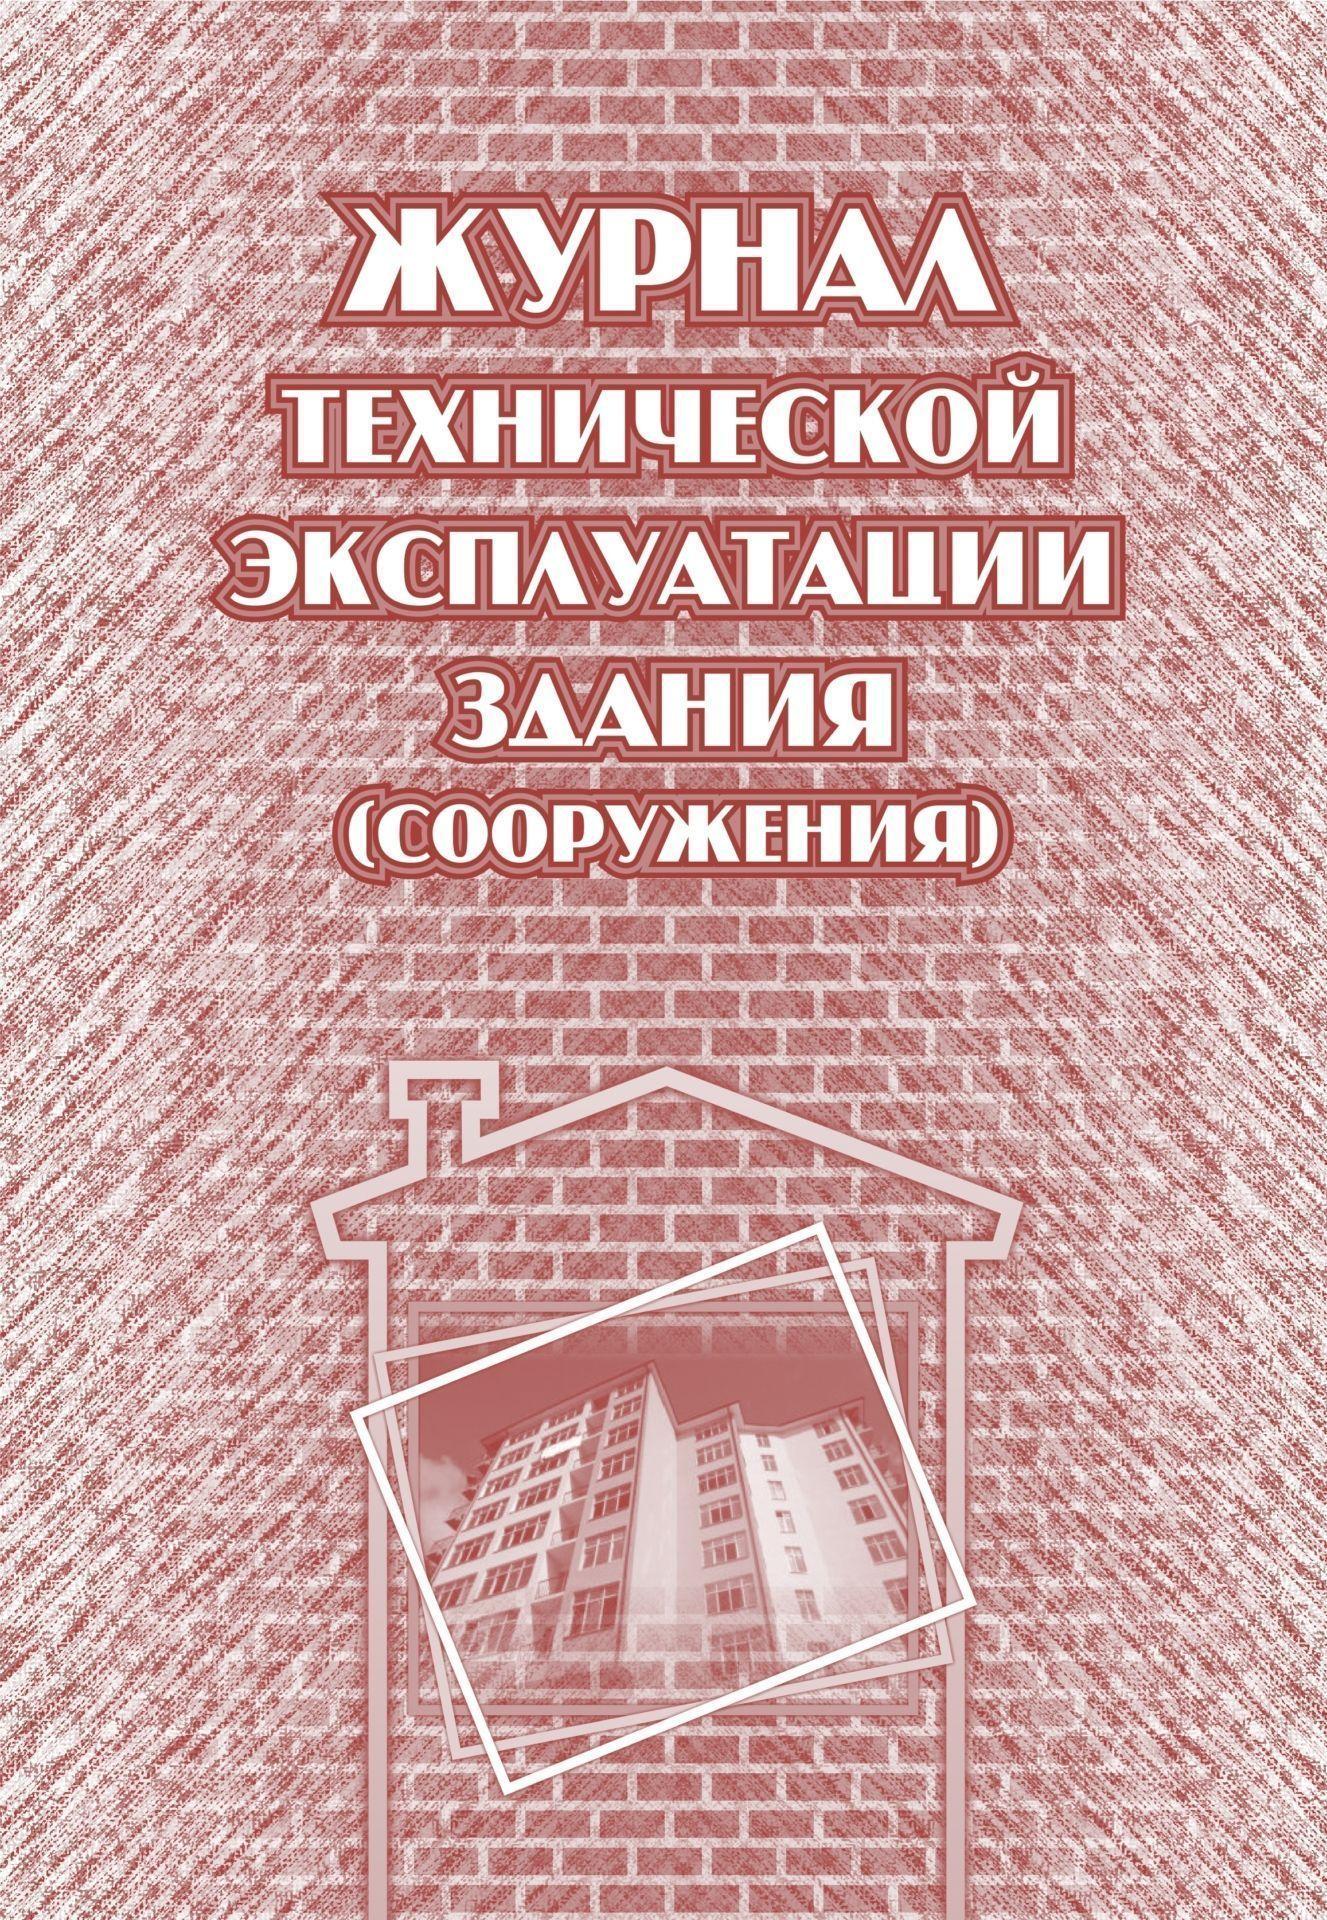 Журнал технической эксплуатации здания (сооружения)